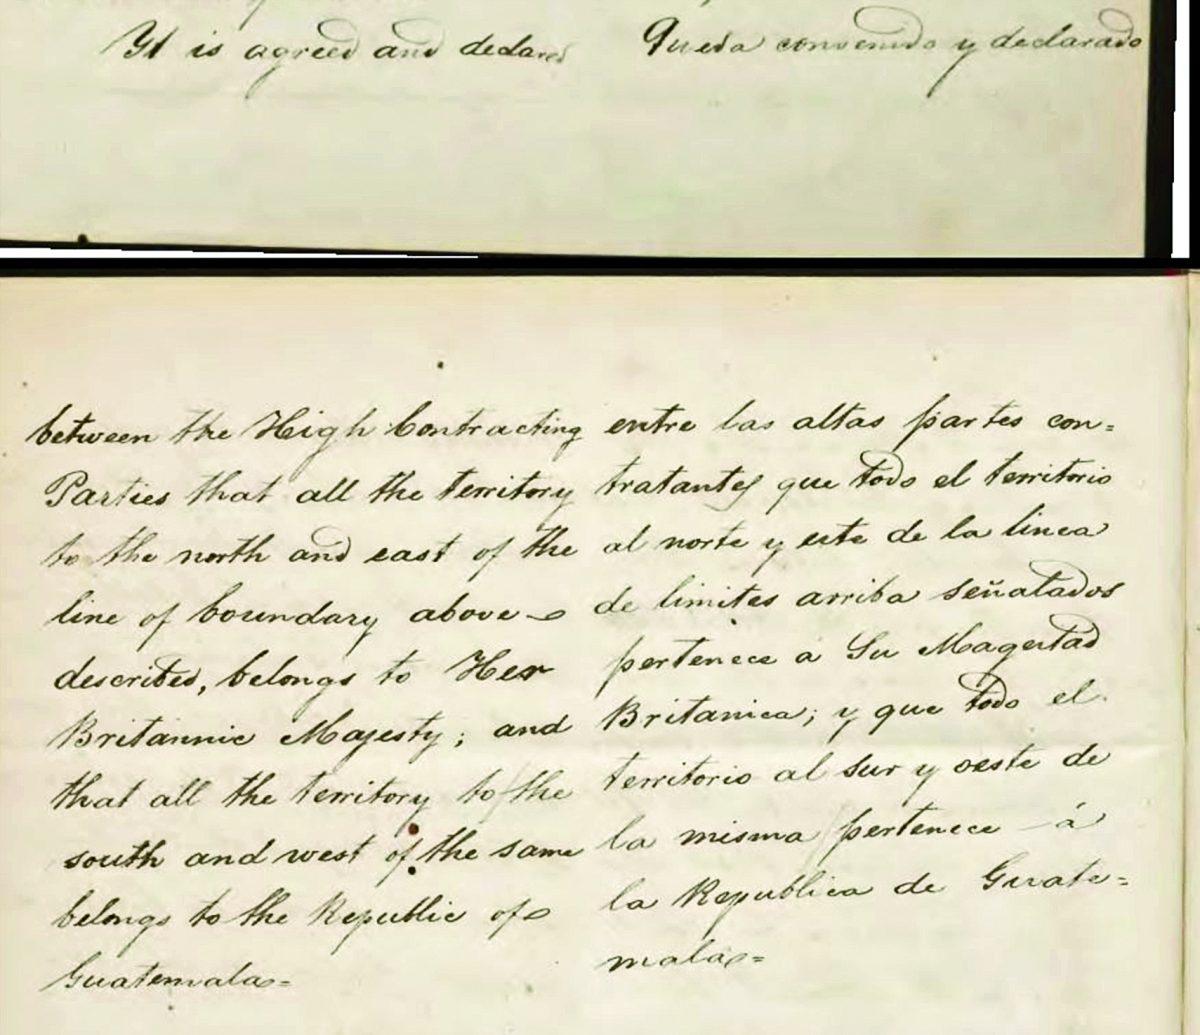 Historia de Guatemala: Se firma tratado Wyke-Aycinena sobre Belice en 1859